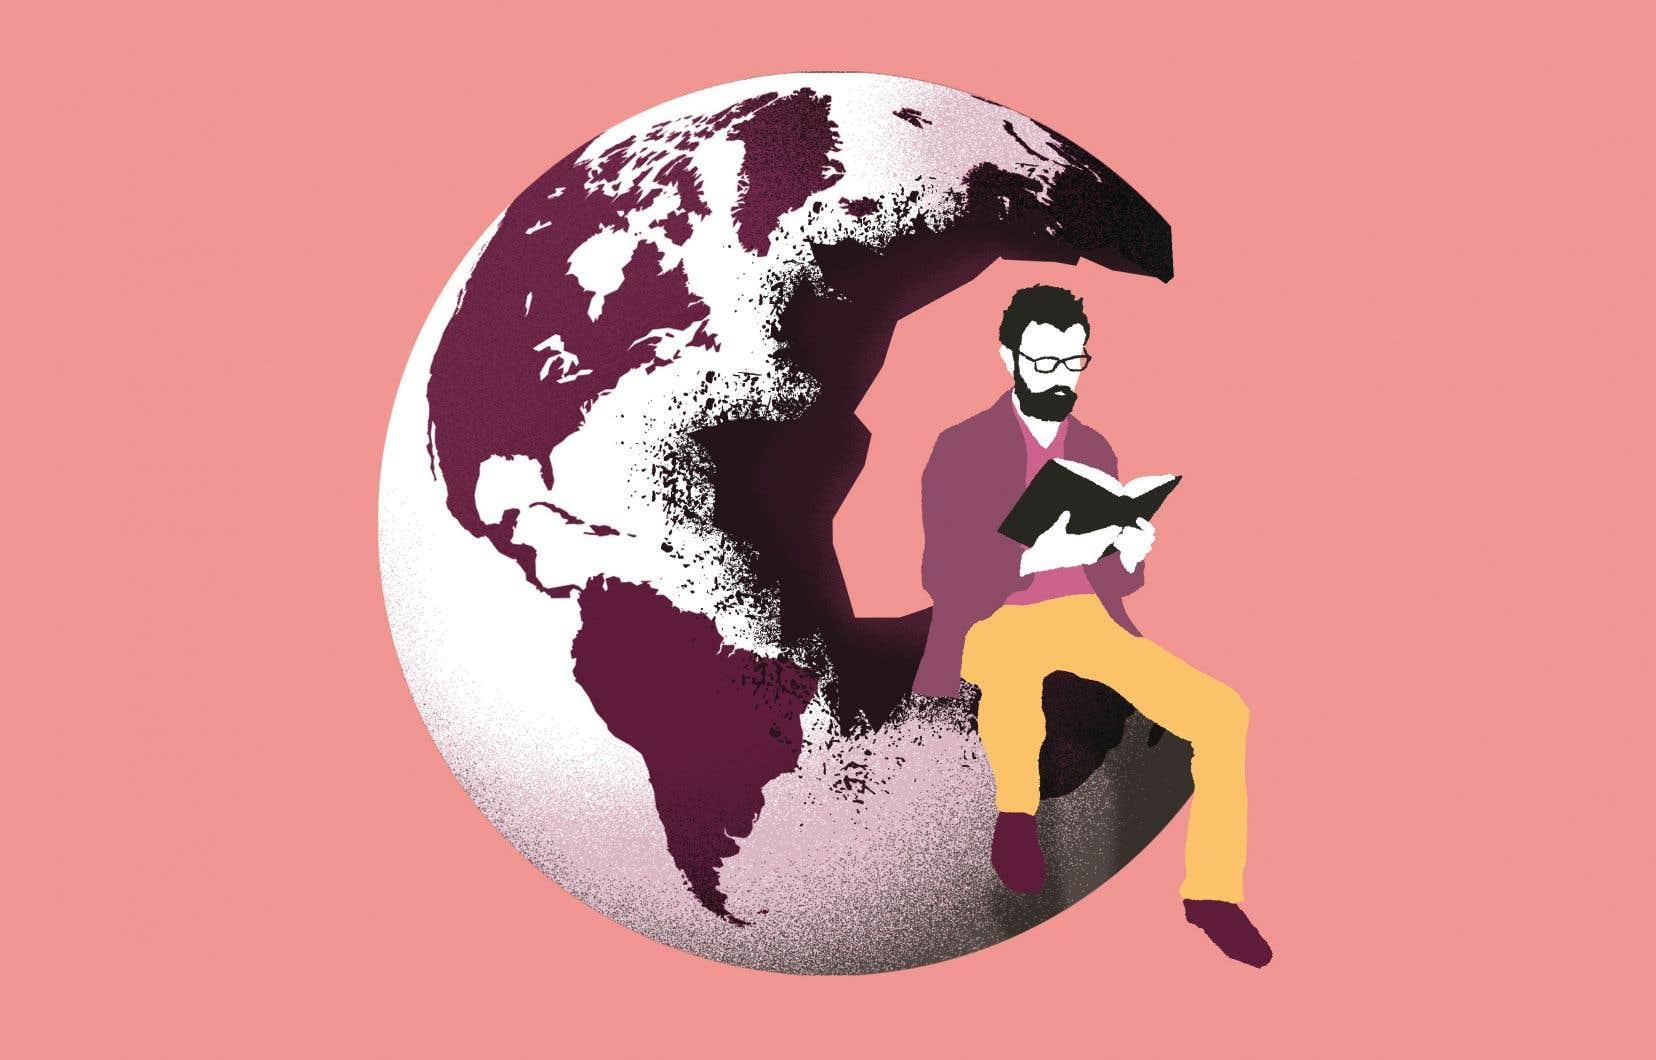 Un puissant parfum de fin du monde recouvre l'actuelle saison littéraire, où les livres figurant des sociétés ayant survécu à la catastrophe, ou s'apprêtant à l'affronter, se multiplient.